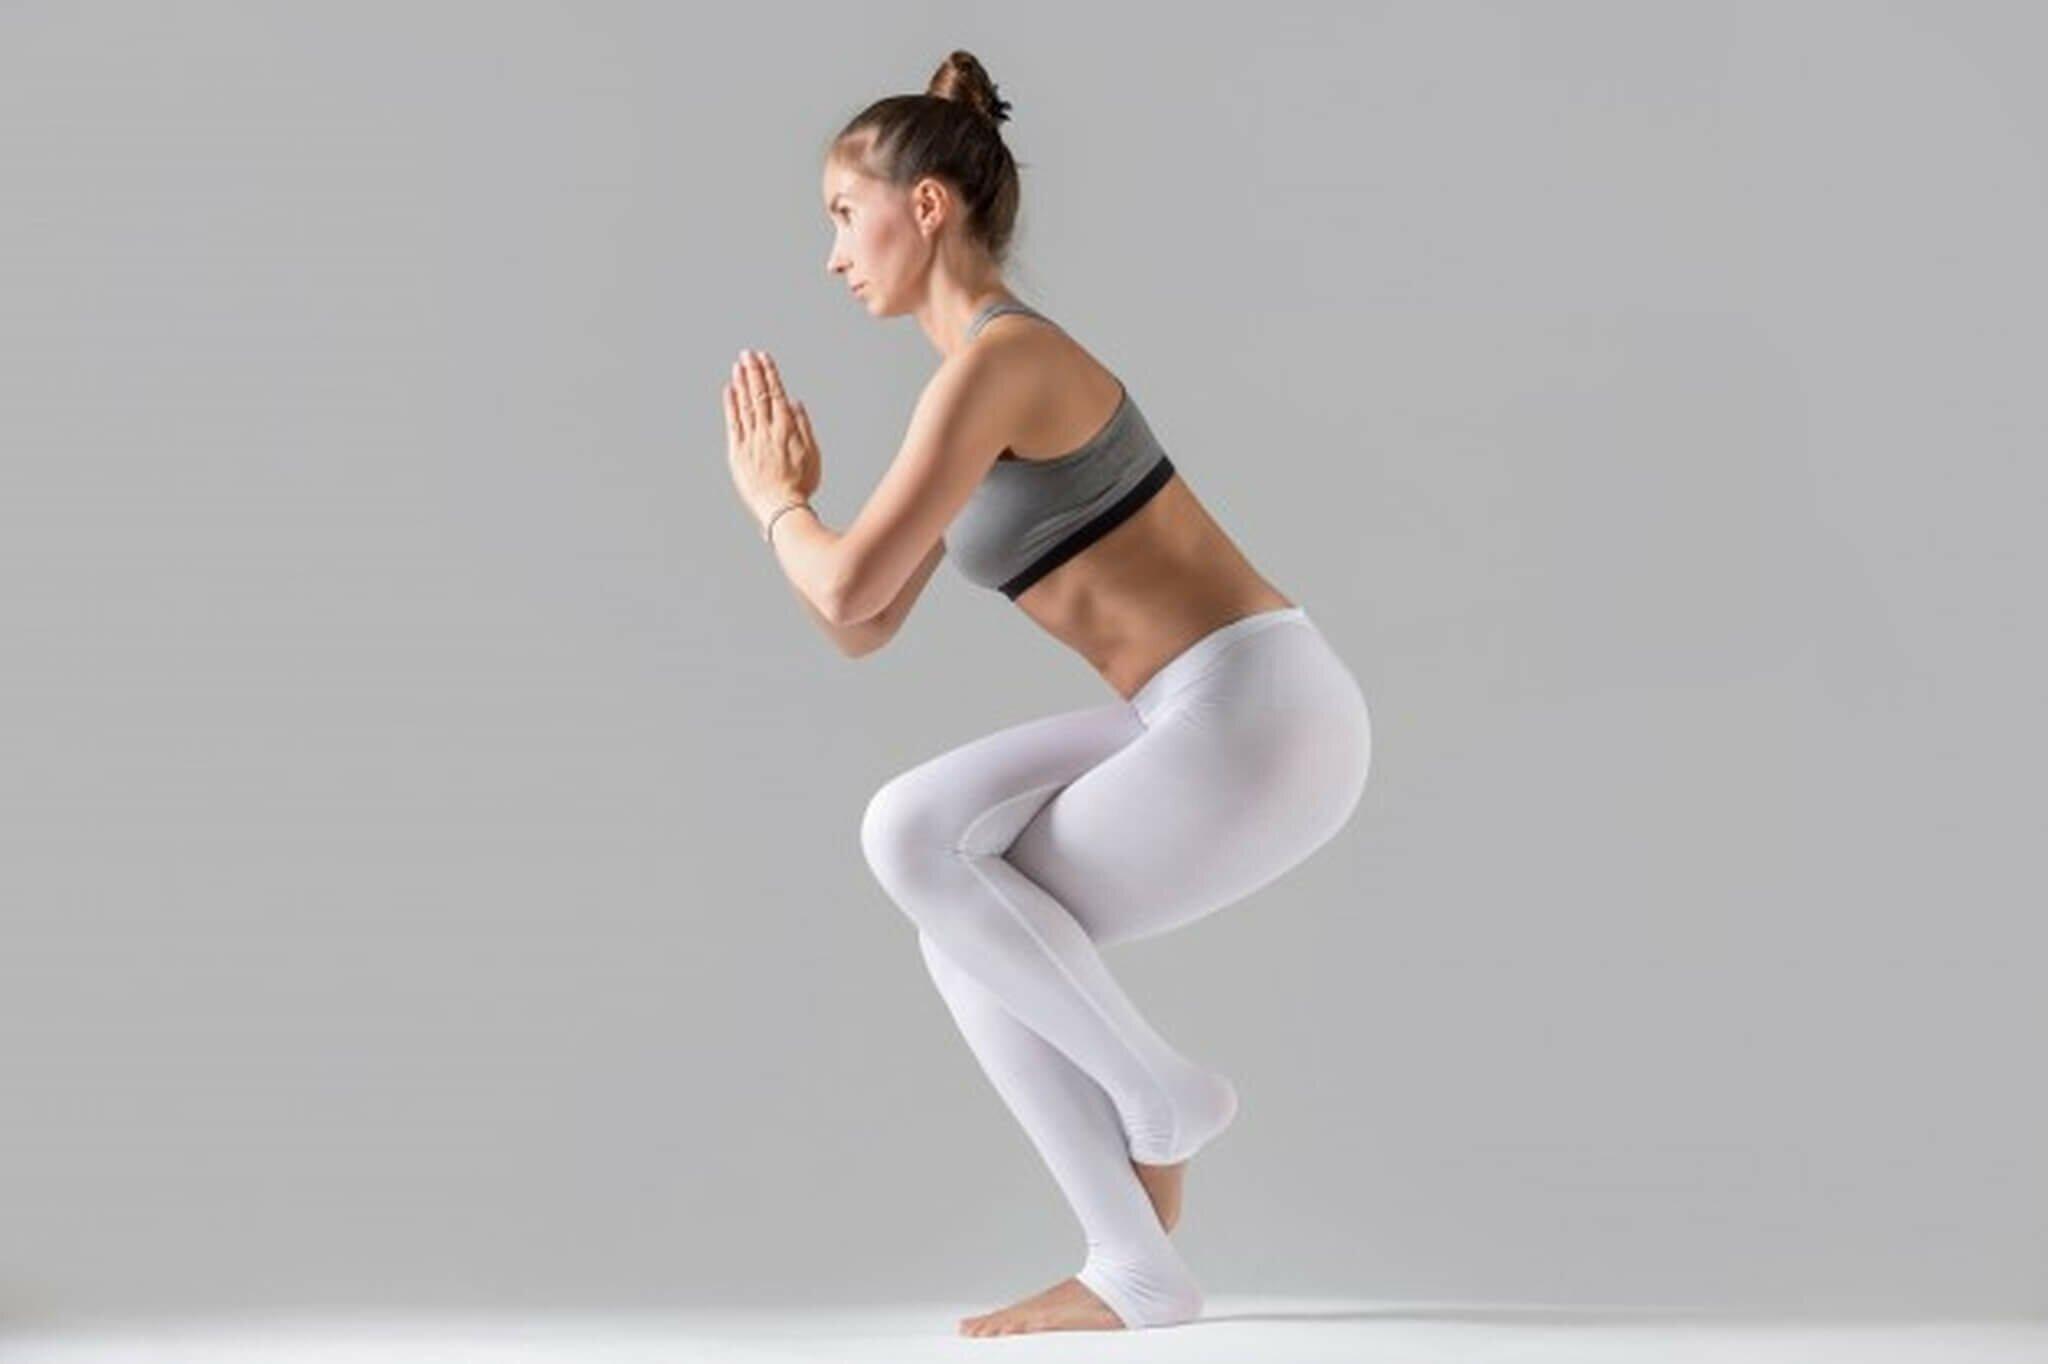 mulher-garudasana-postura-aguia-yogateria